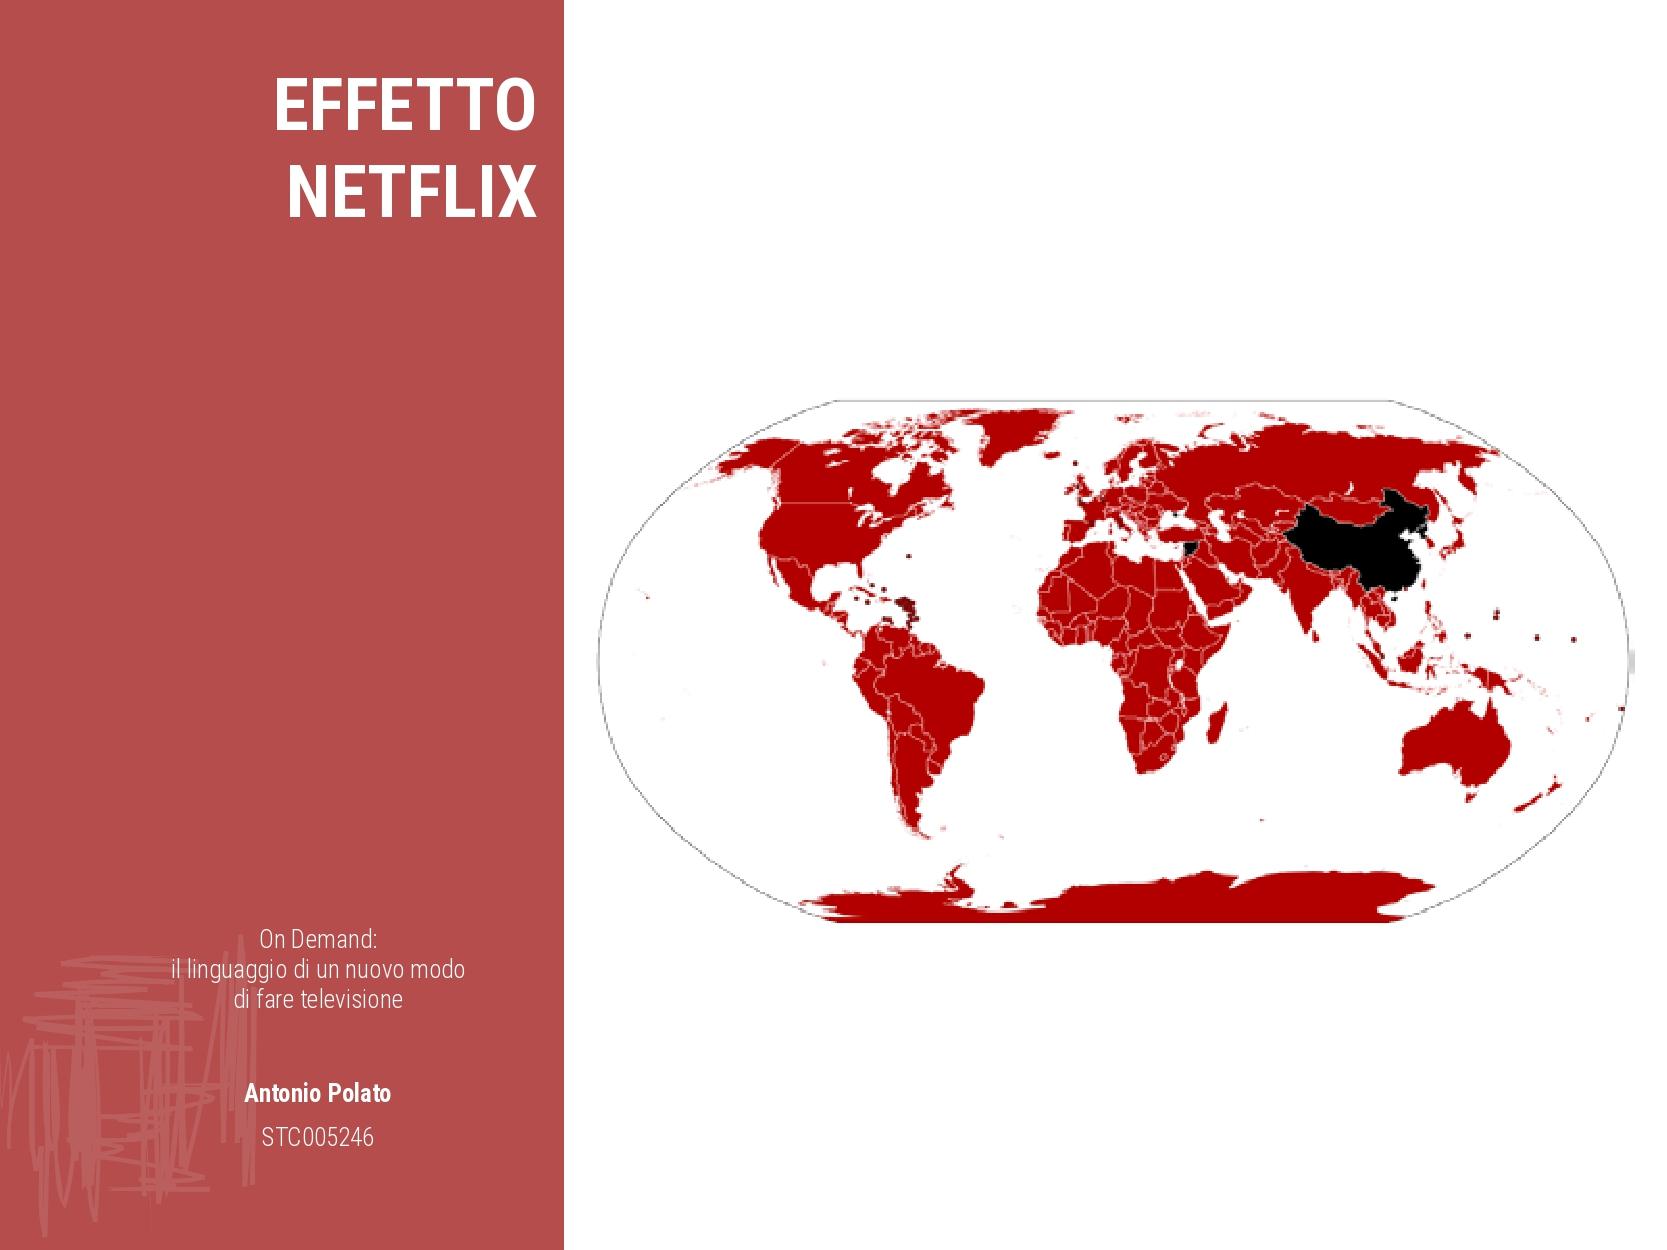 On demand il linguaggio di un nuovo modo di fare la televisione Antonio Polato effetto netflix